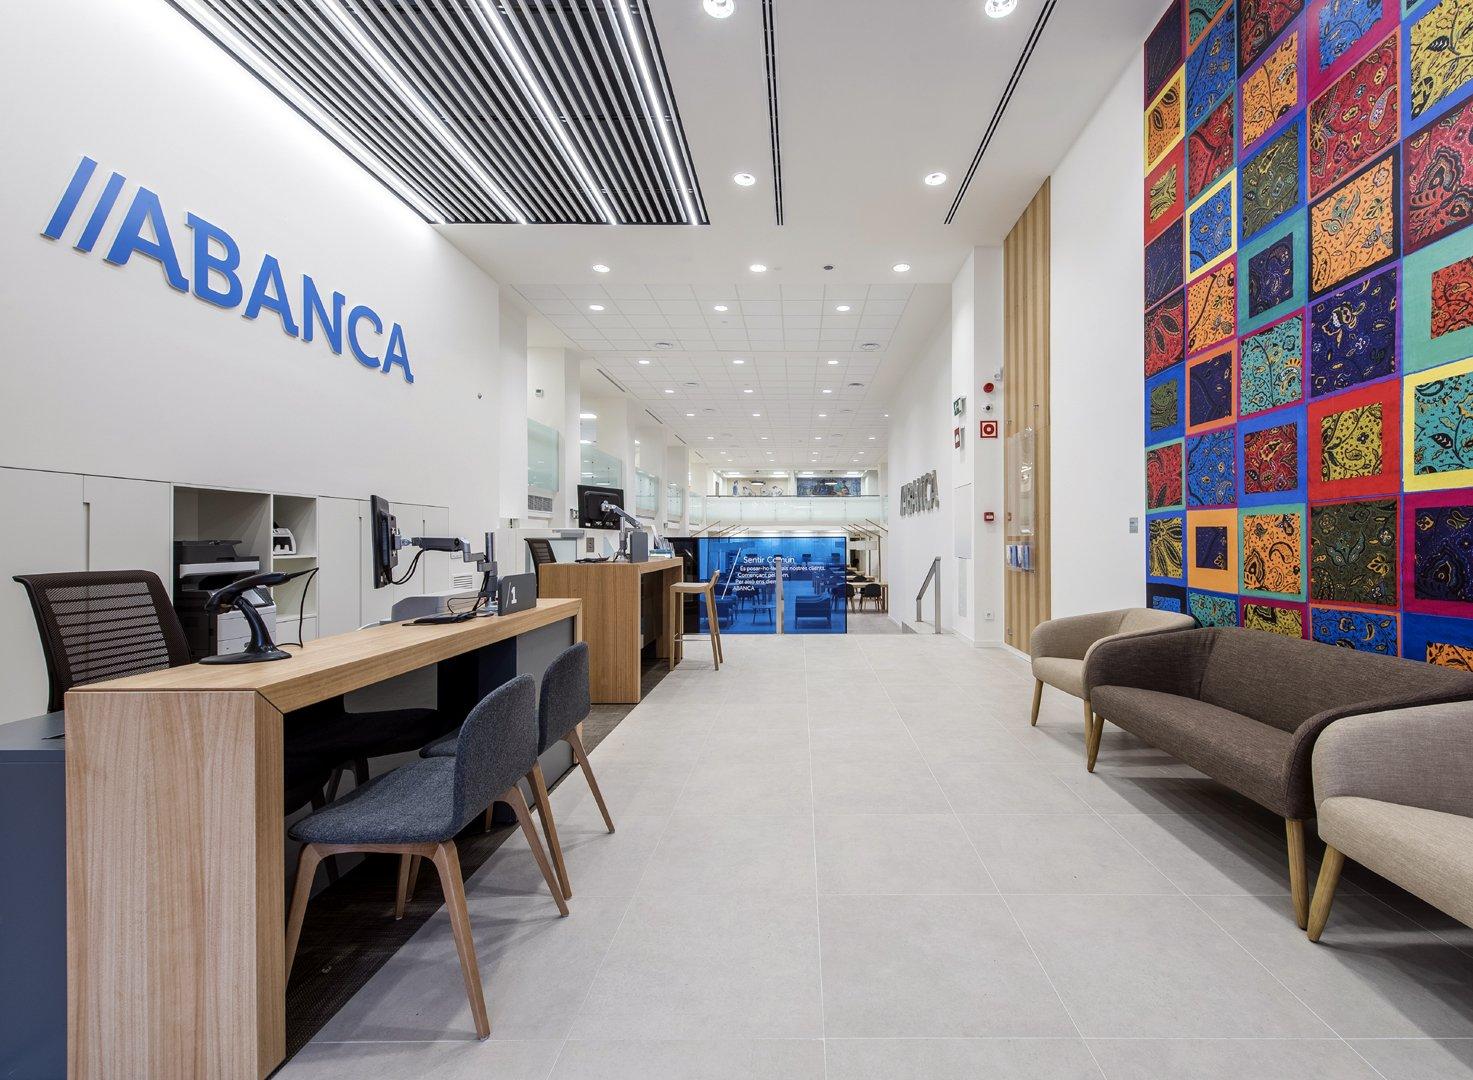 Abanca Estrena En Barcelona Su Nuevo Modelo De Oficina